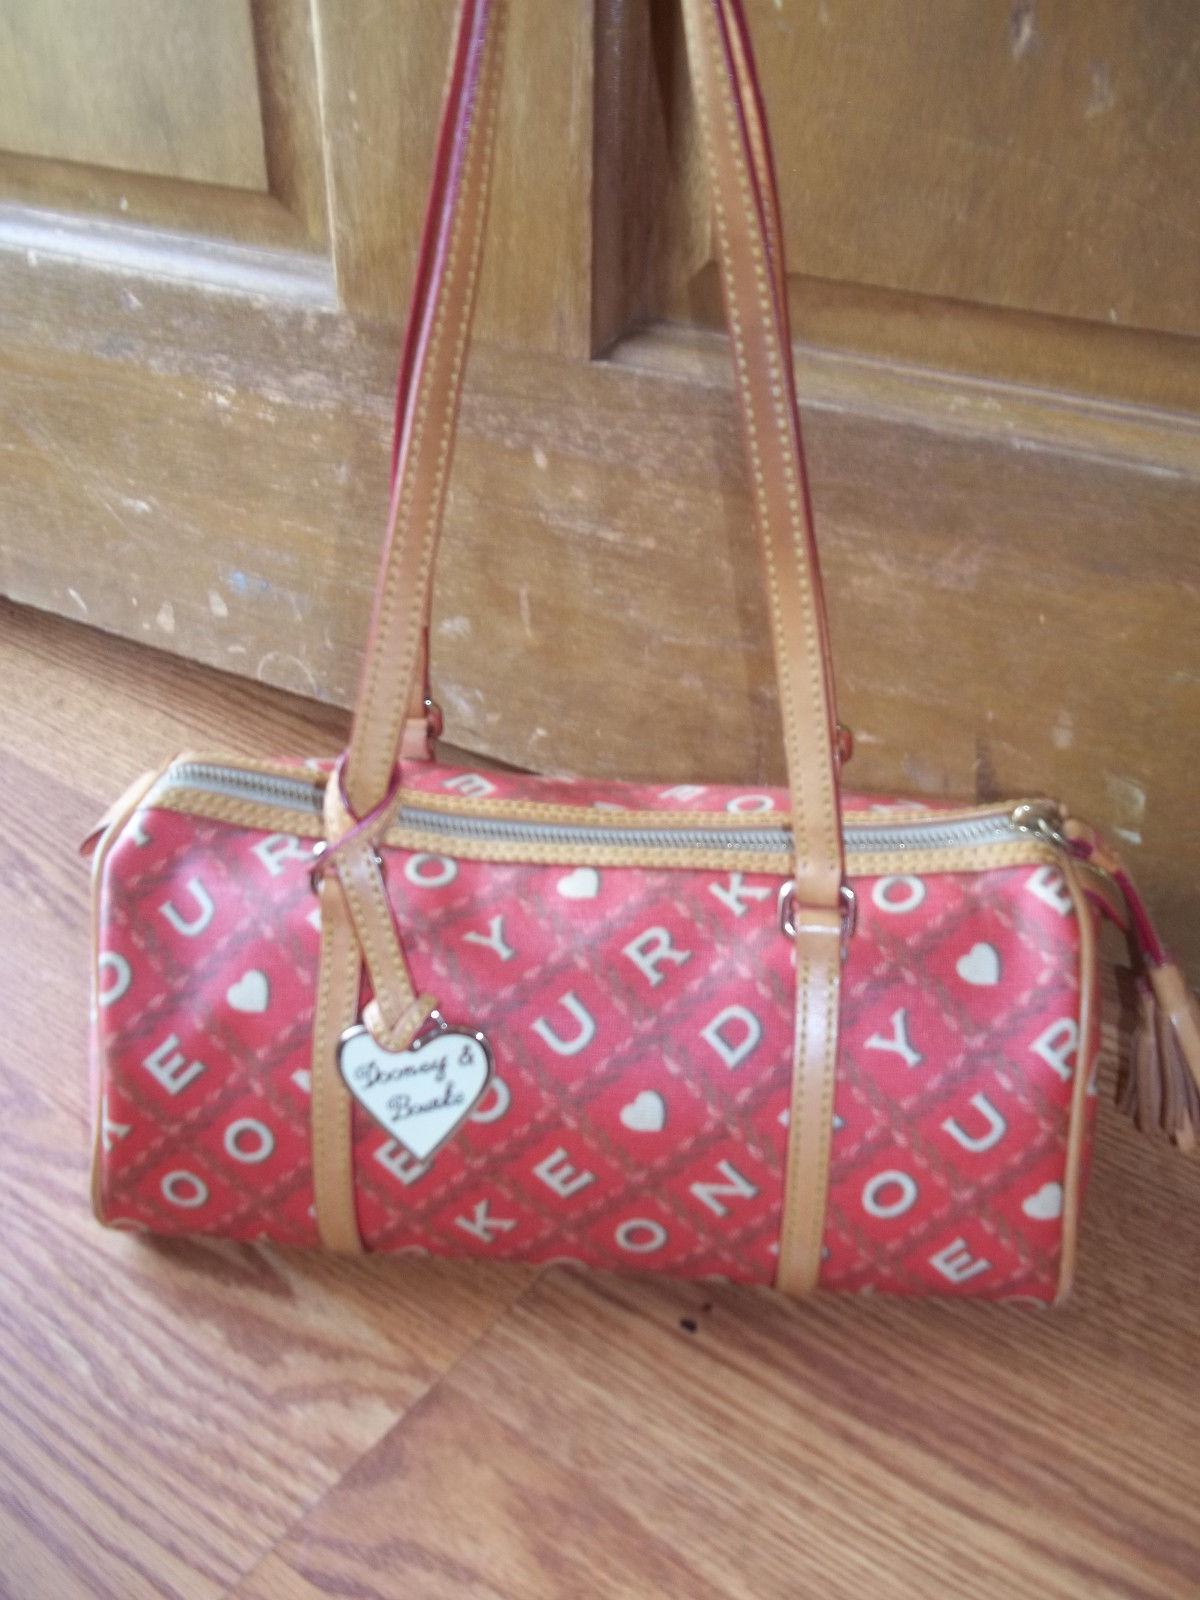 Dooney & Bourke Red Crossword Barrel Bag Handbag image 2